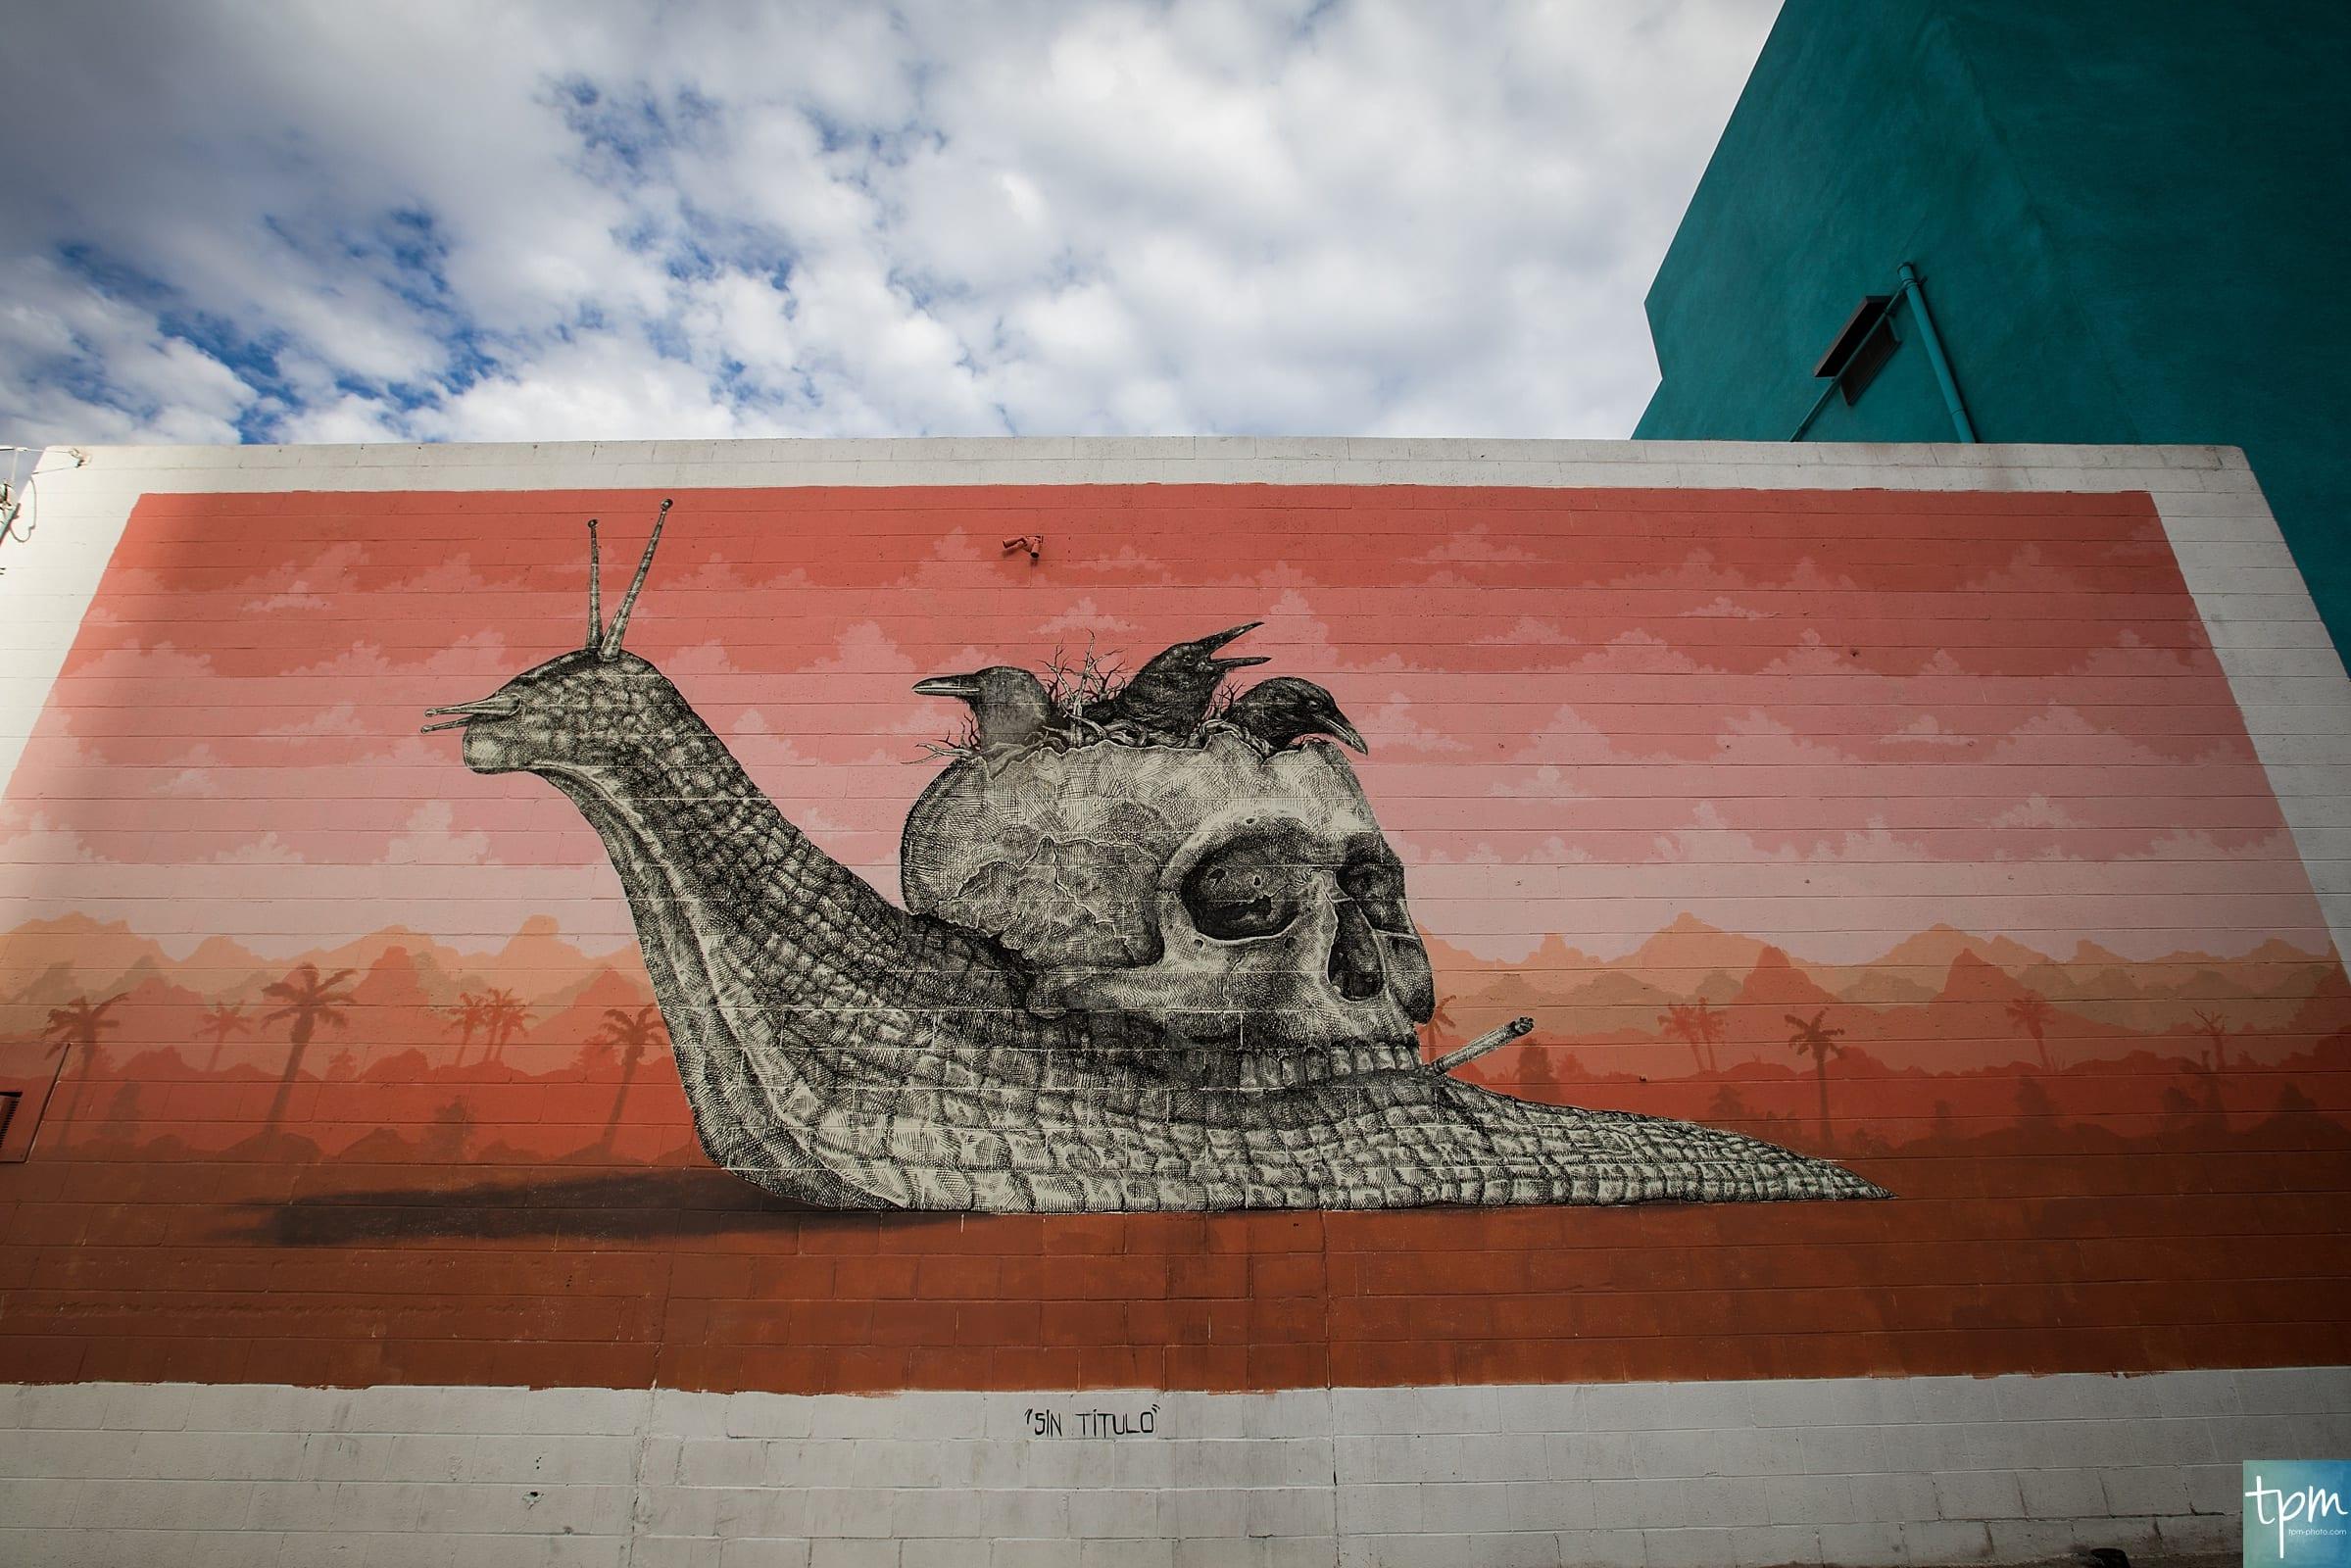 Alexis Diaz, TPM Mural Guide, Taylored Photo Memories, Las Vegas Murals